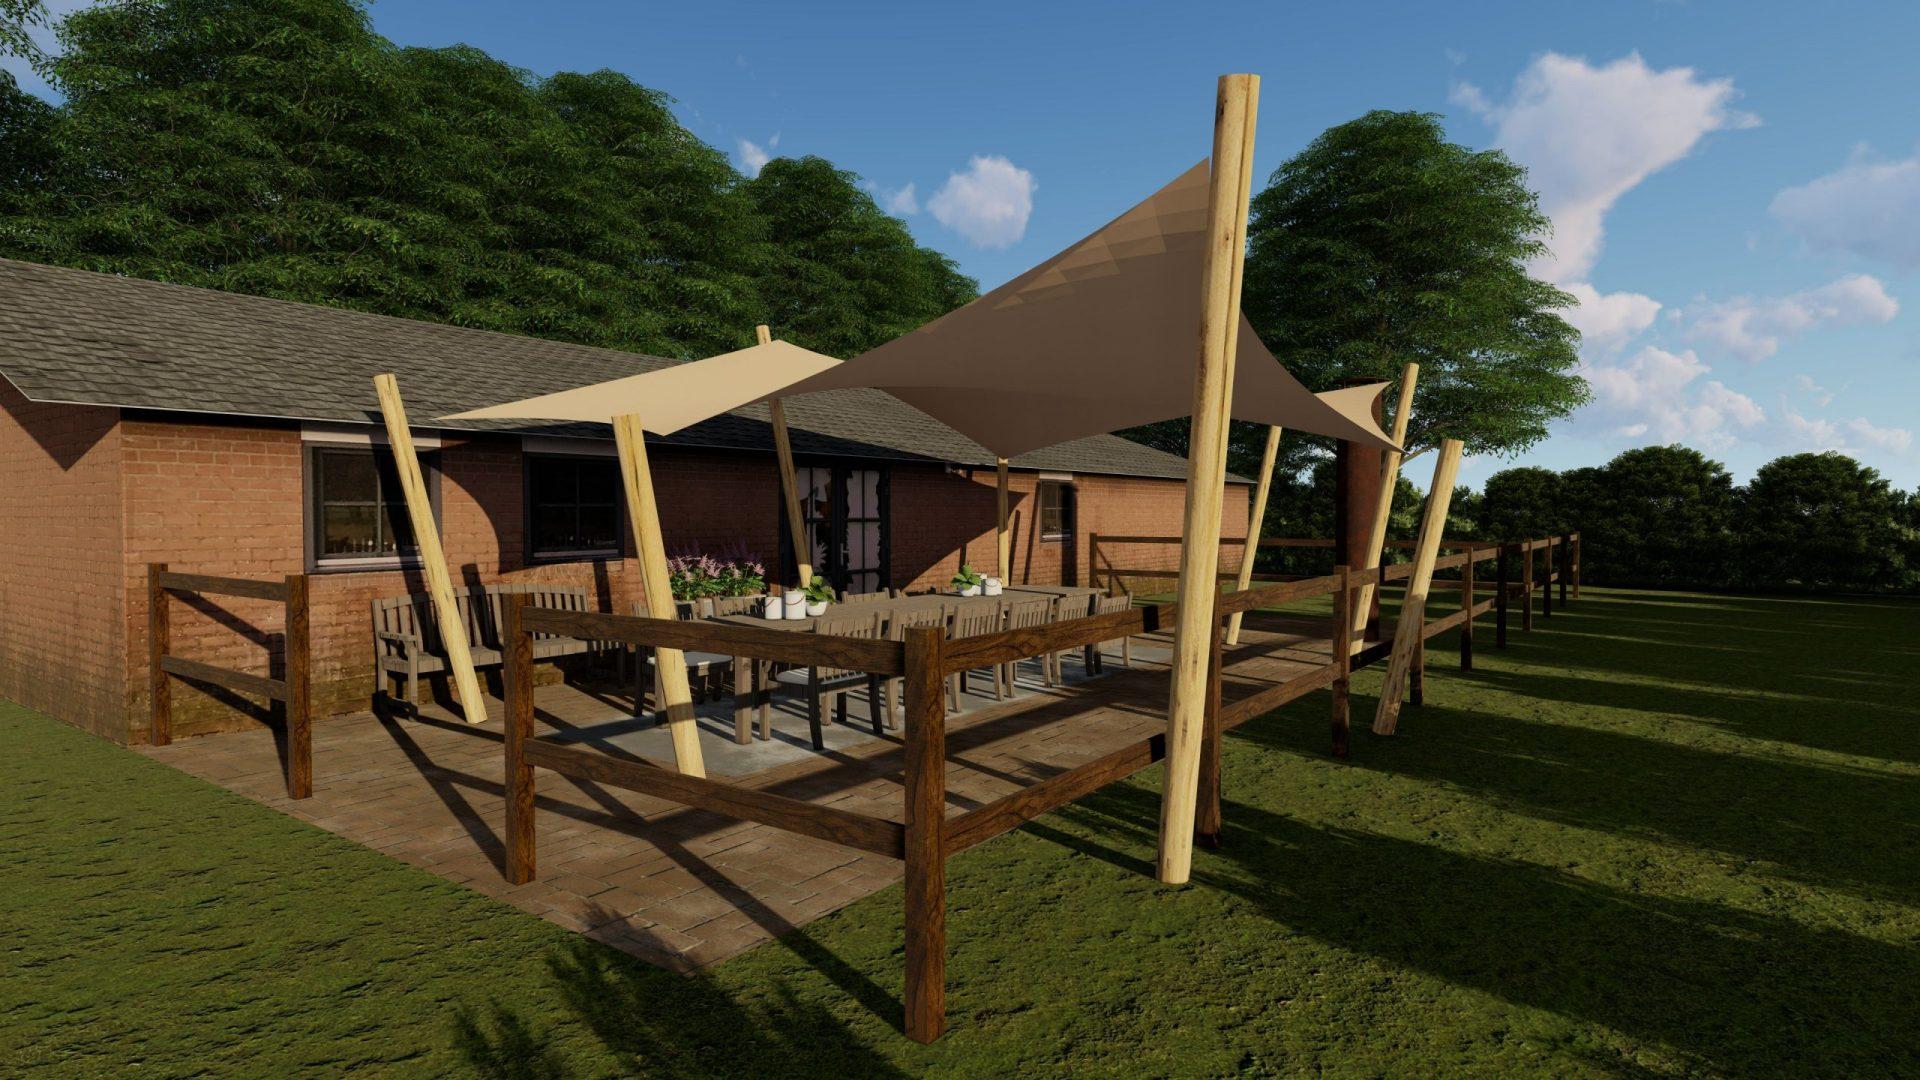 EPIC Living Garden Shelters - Biltmore 3D 2